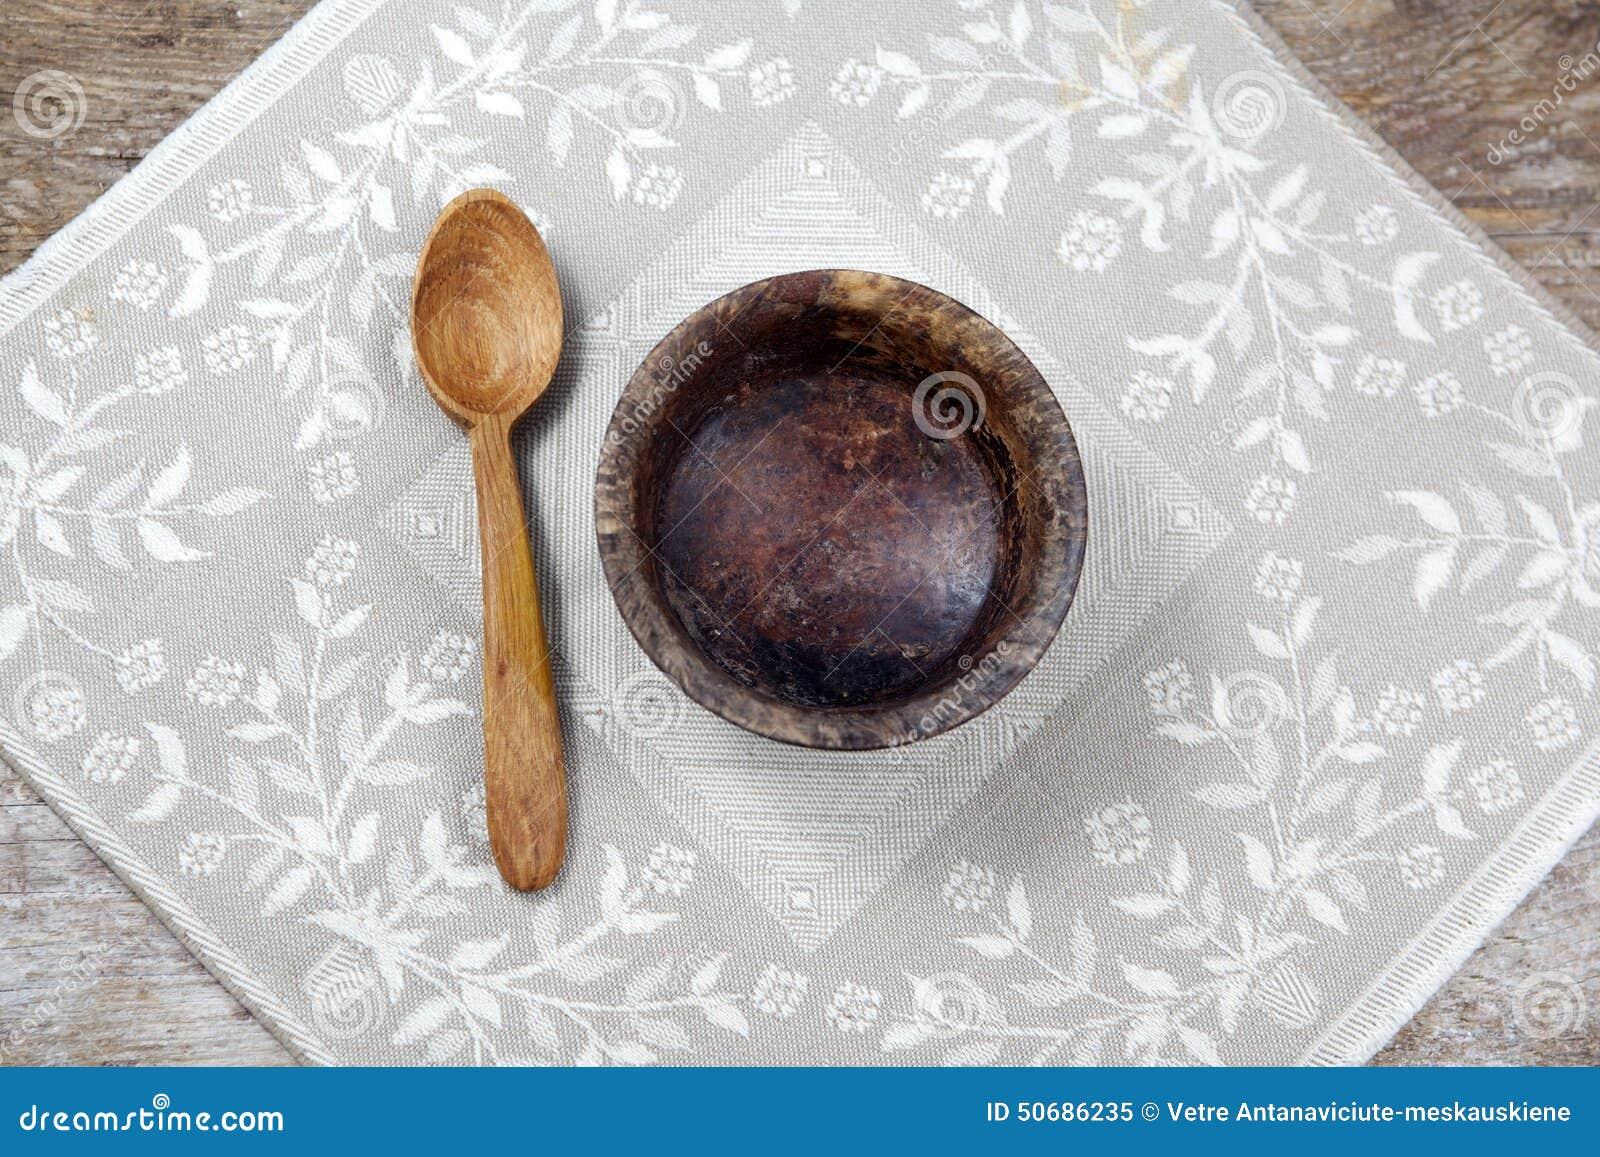 Credenza Con Tazze : Kintsugi tazzina da caffè set tazza con sottopiattino